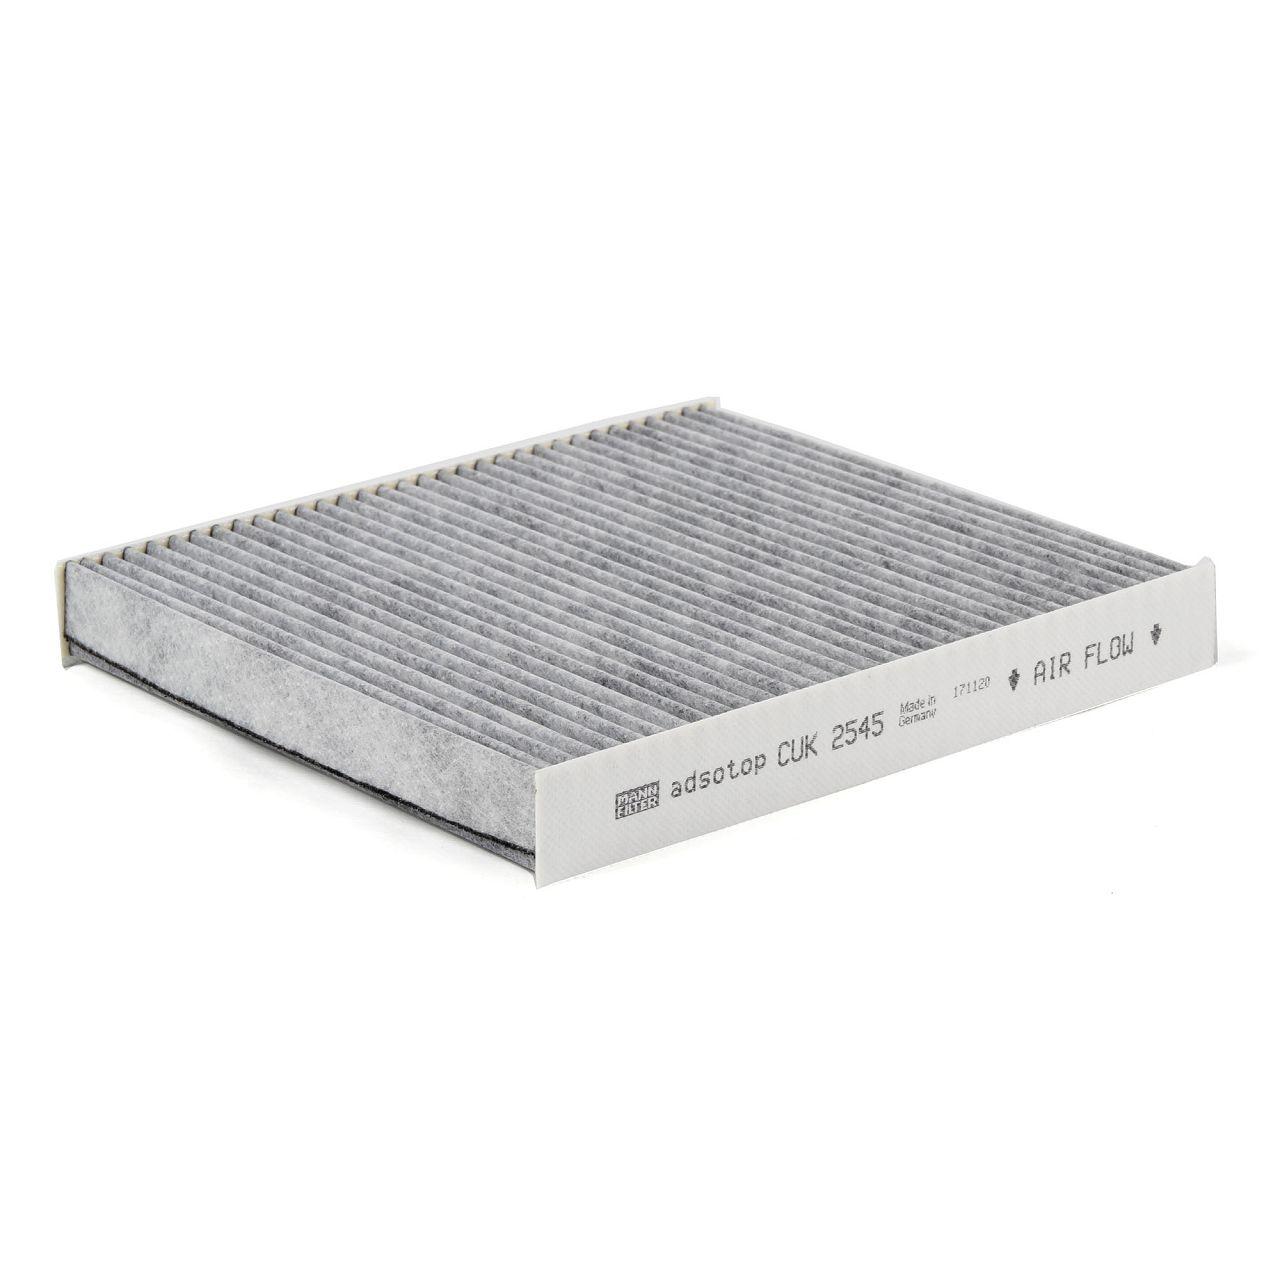 MANN Filterpaket Filterset für SEAT IBIZA IV (6L1) 1.6 101 PS 02.2003-11.2009